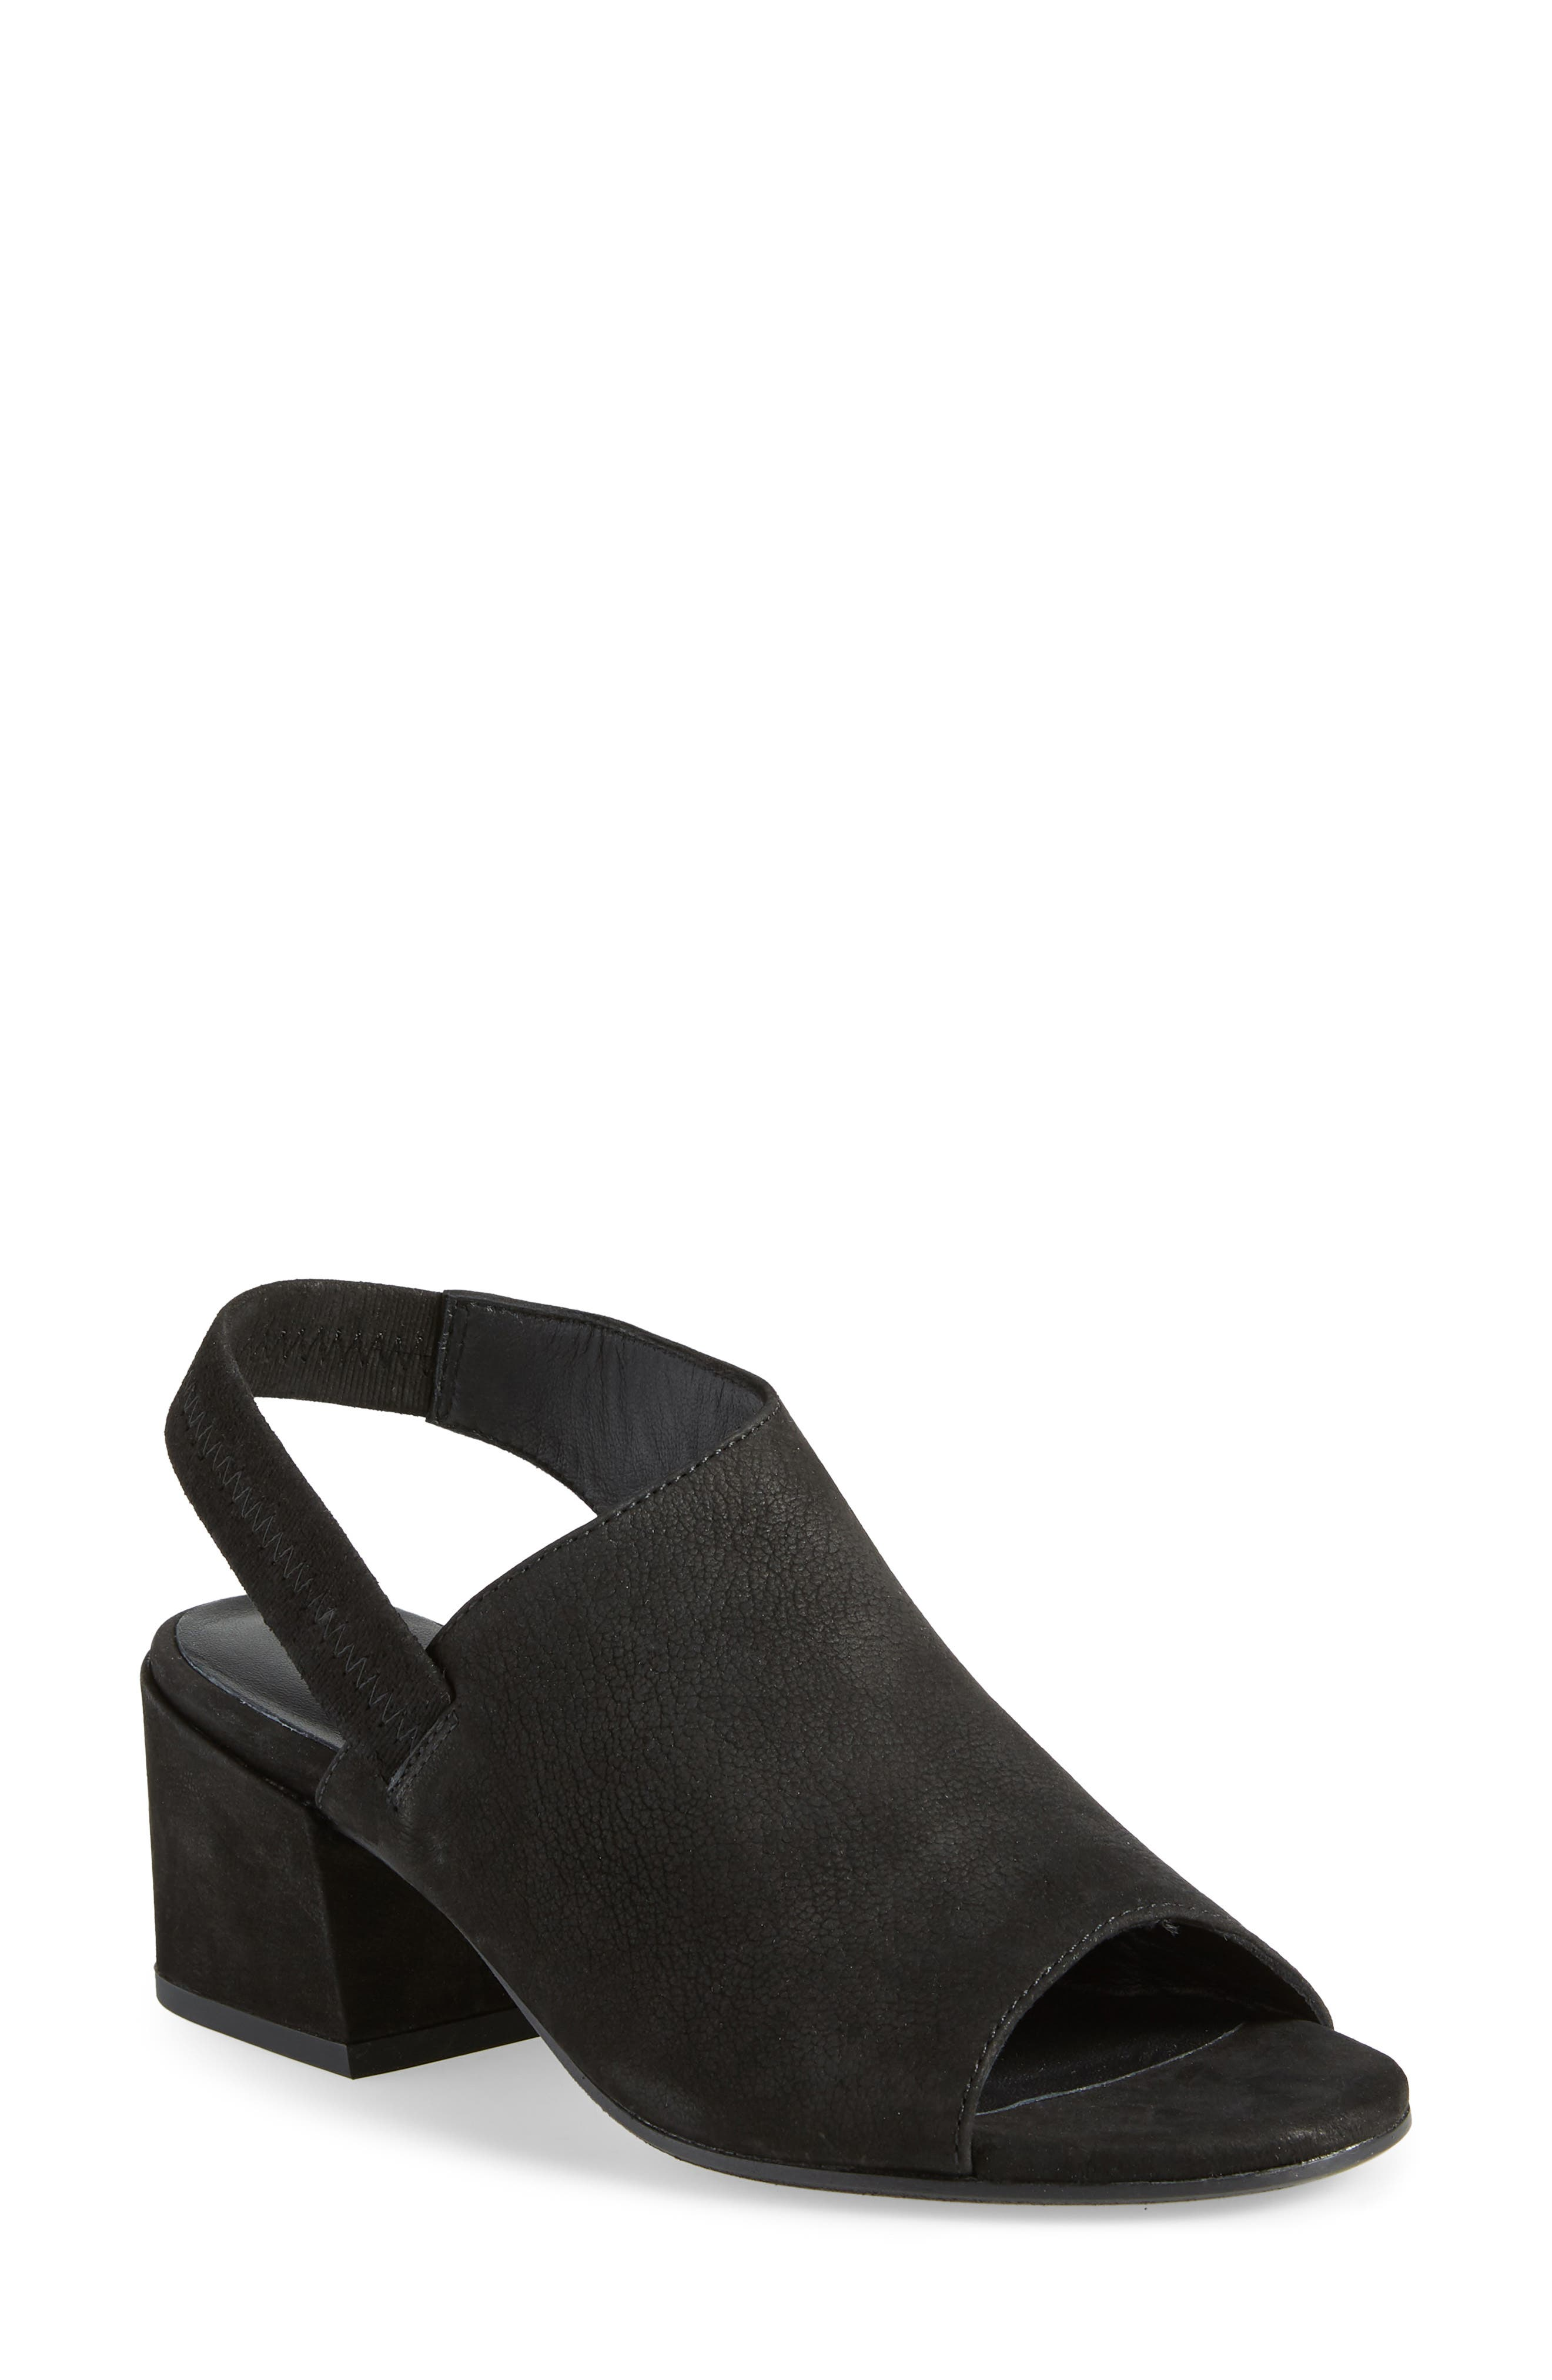 Leigh Asymmetrical Slingback Sandal,                             Main thumbnail 1, color,